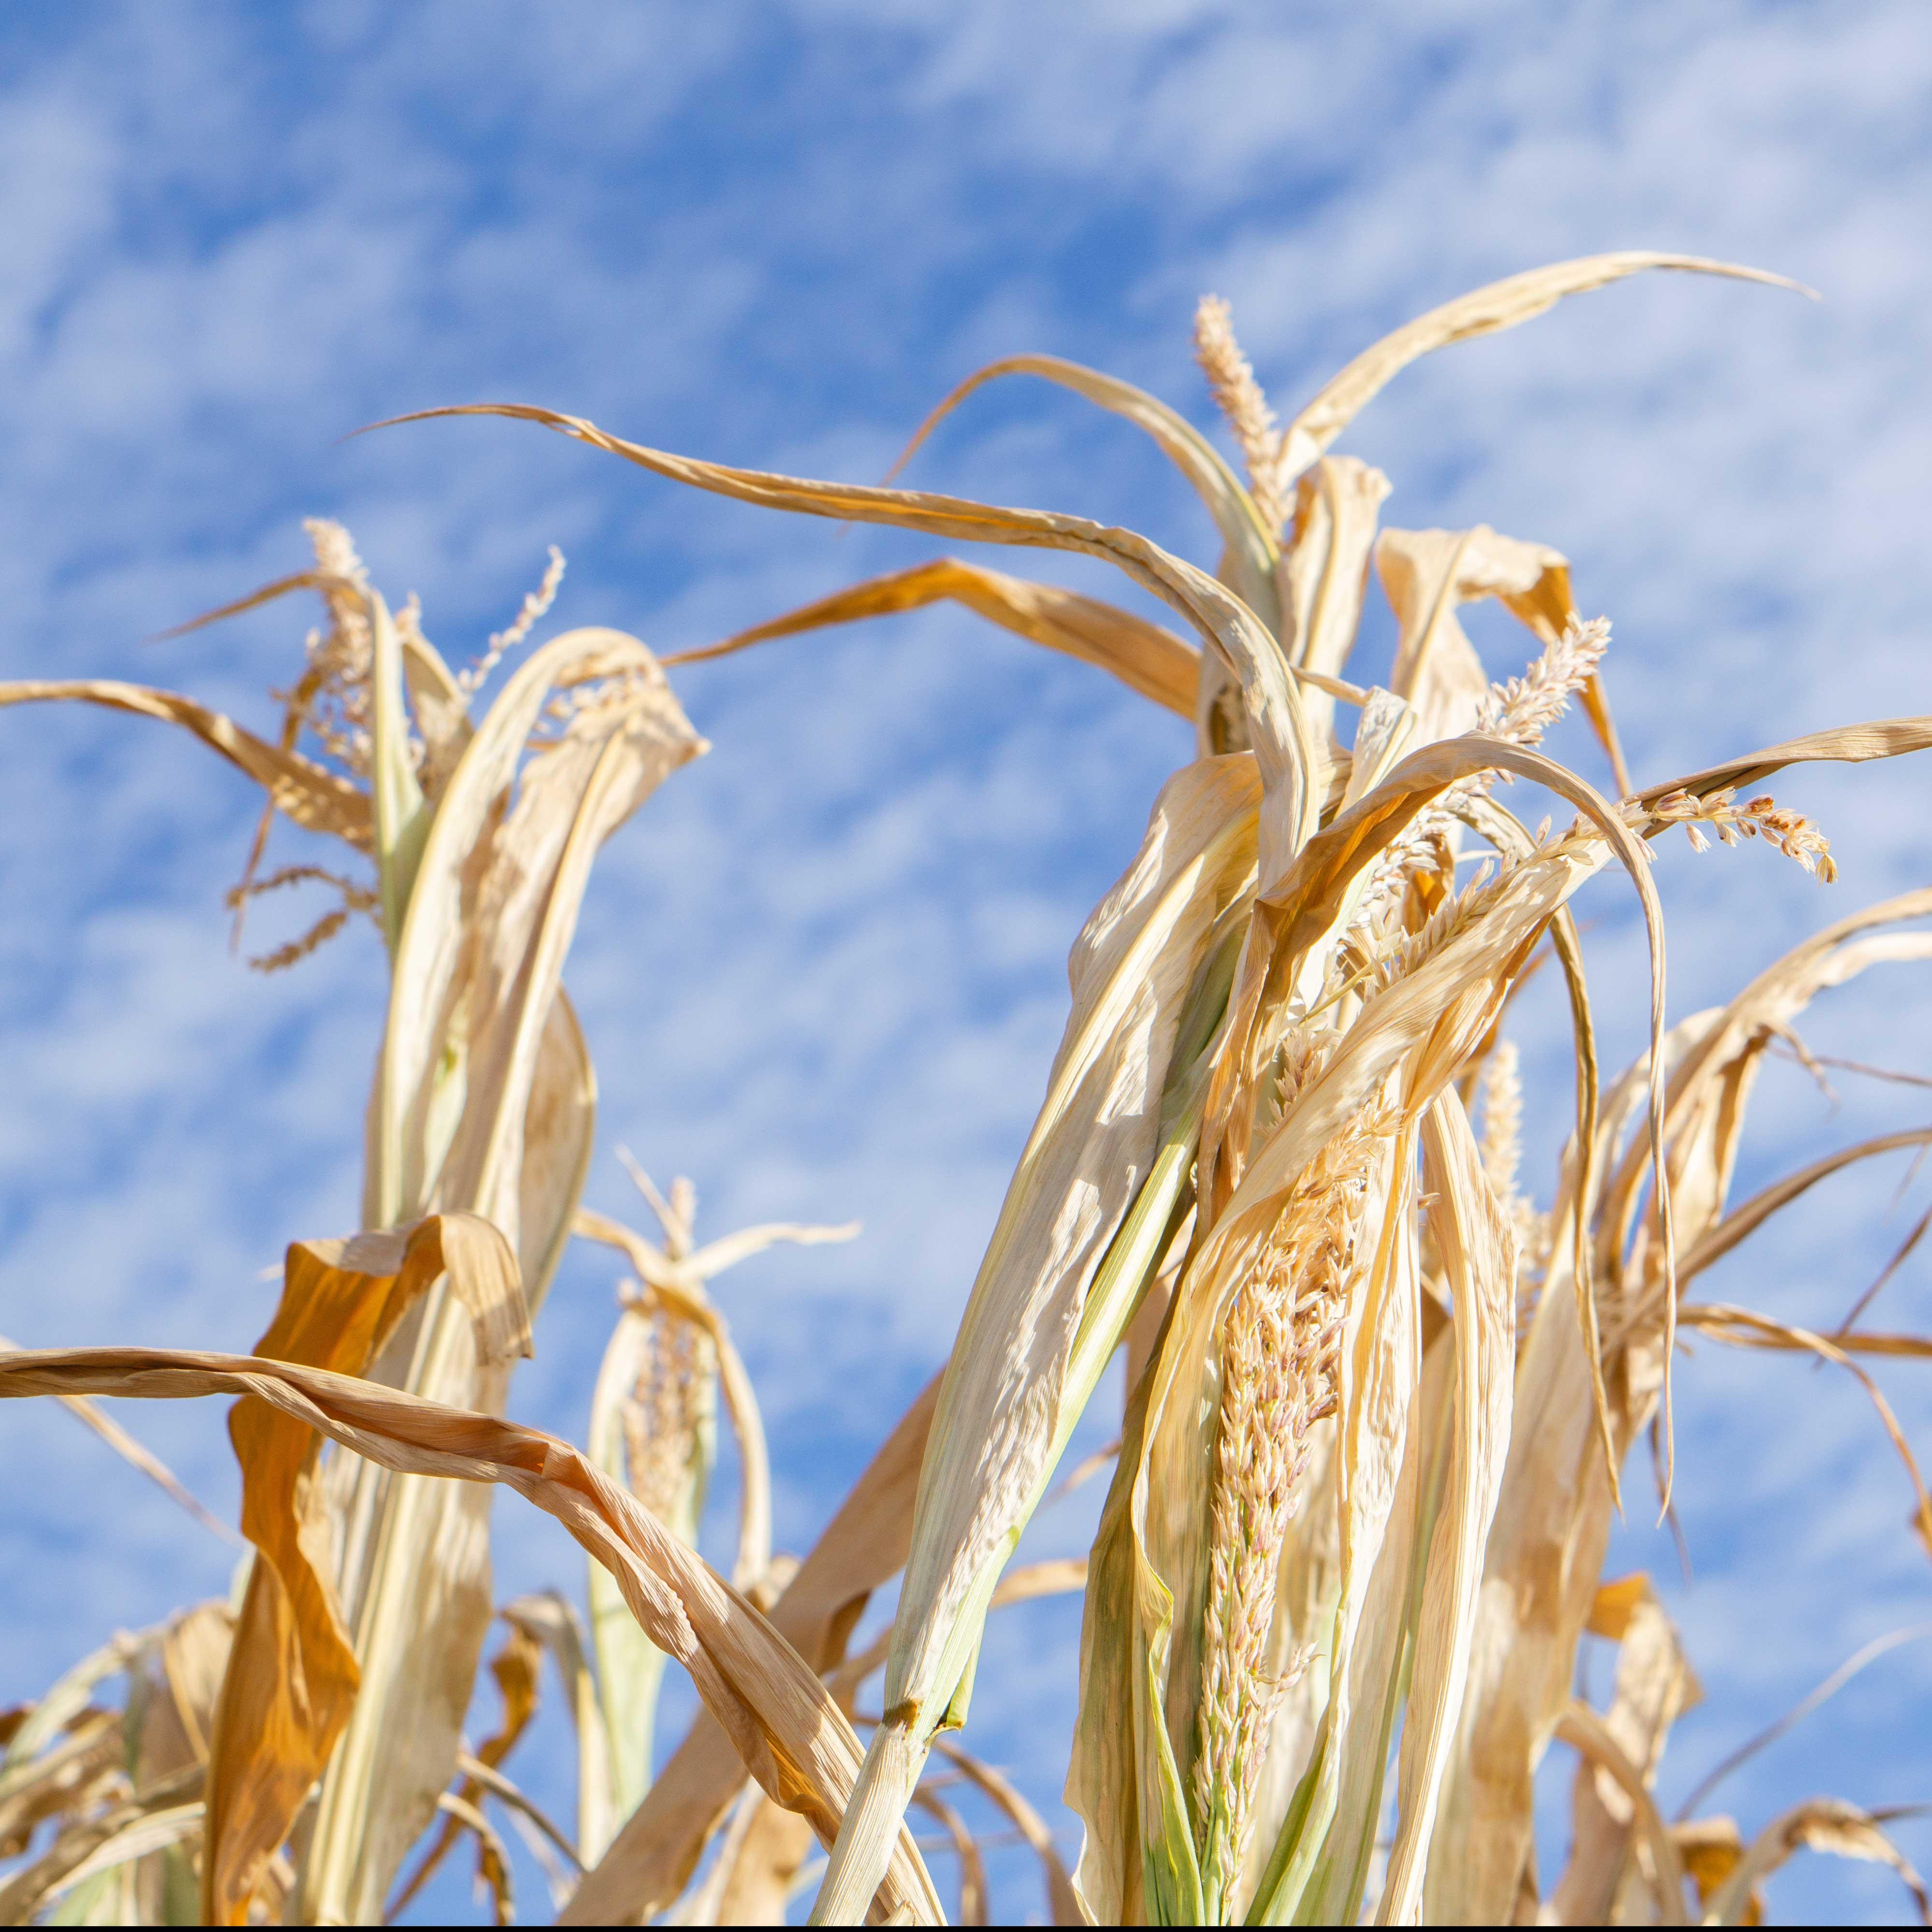 Dürrehilfen: SPD fordert zusätzlich Klimaprogramm für dieLandwirtschaft